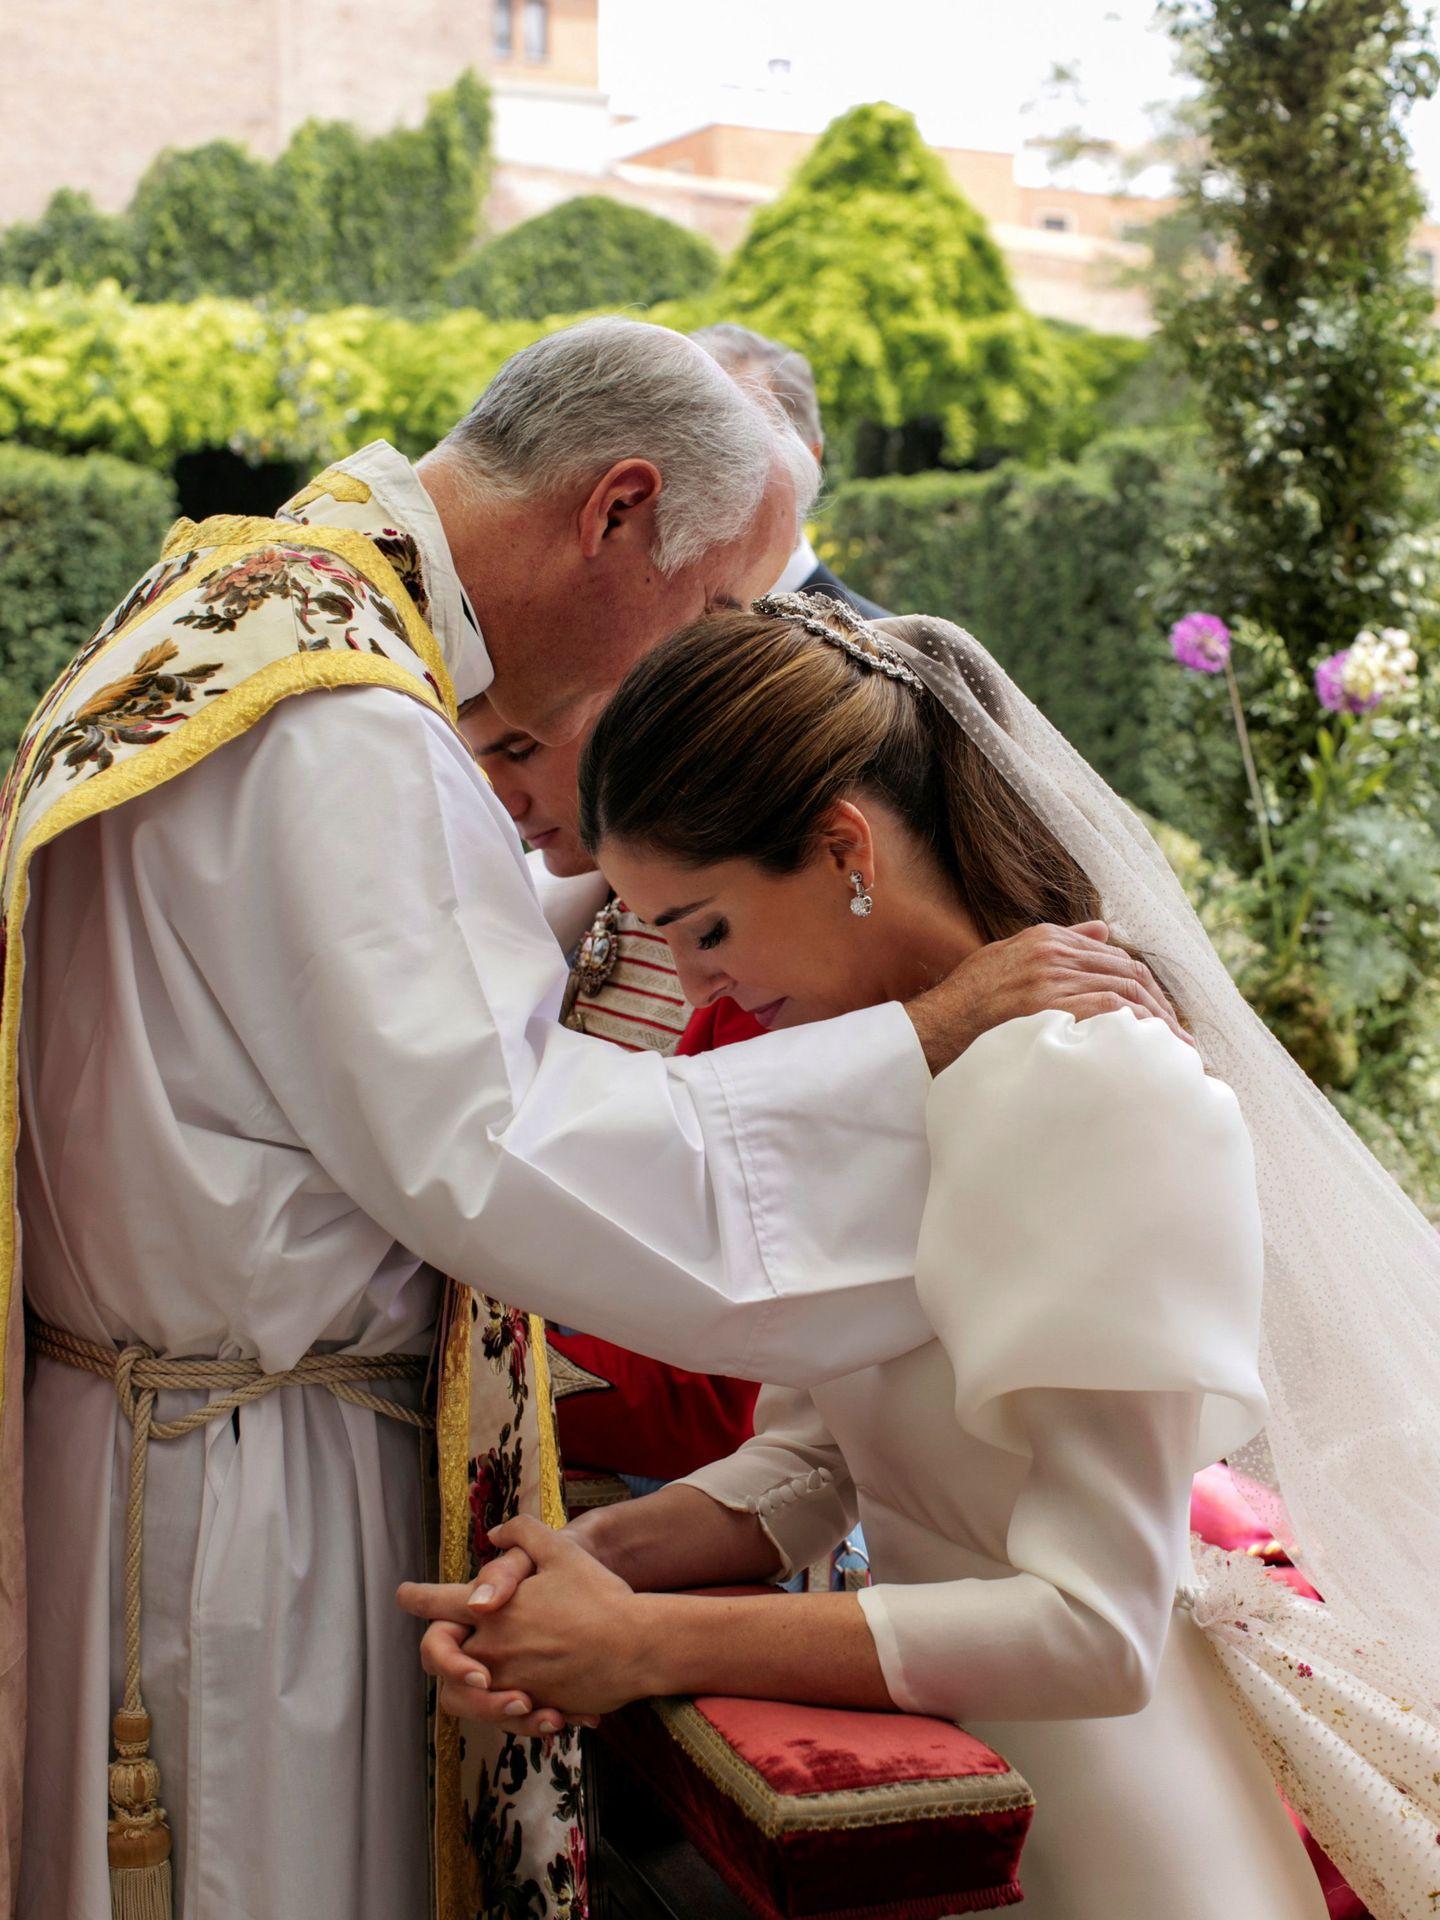 El sacerdote Sánchez-Dalp, con los novios. (Alejandra Ortiz/EFE)